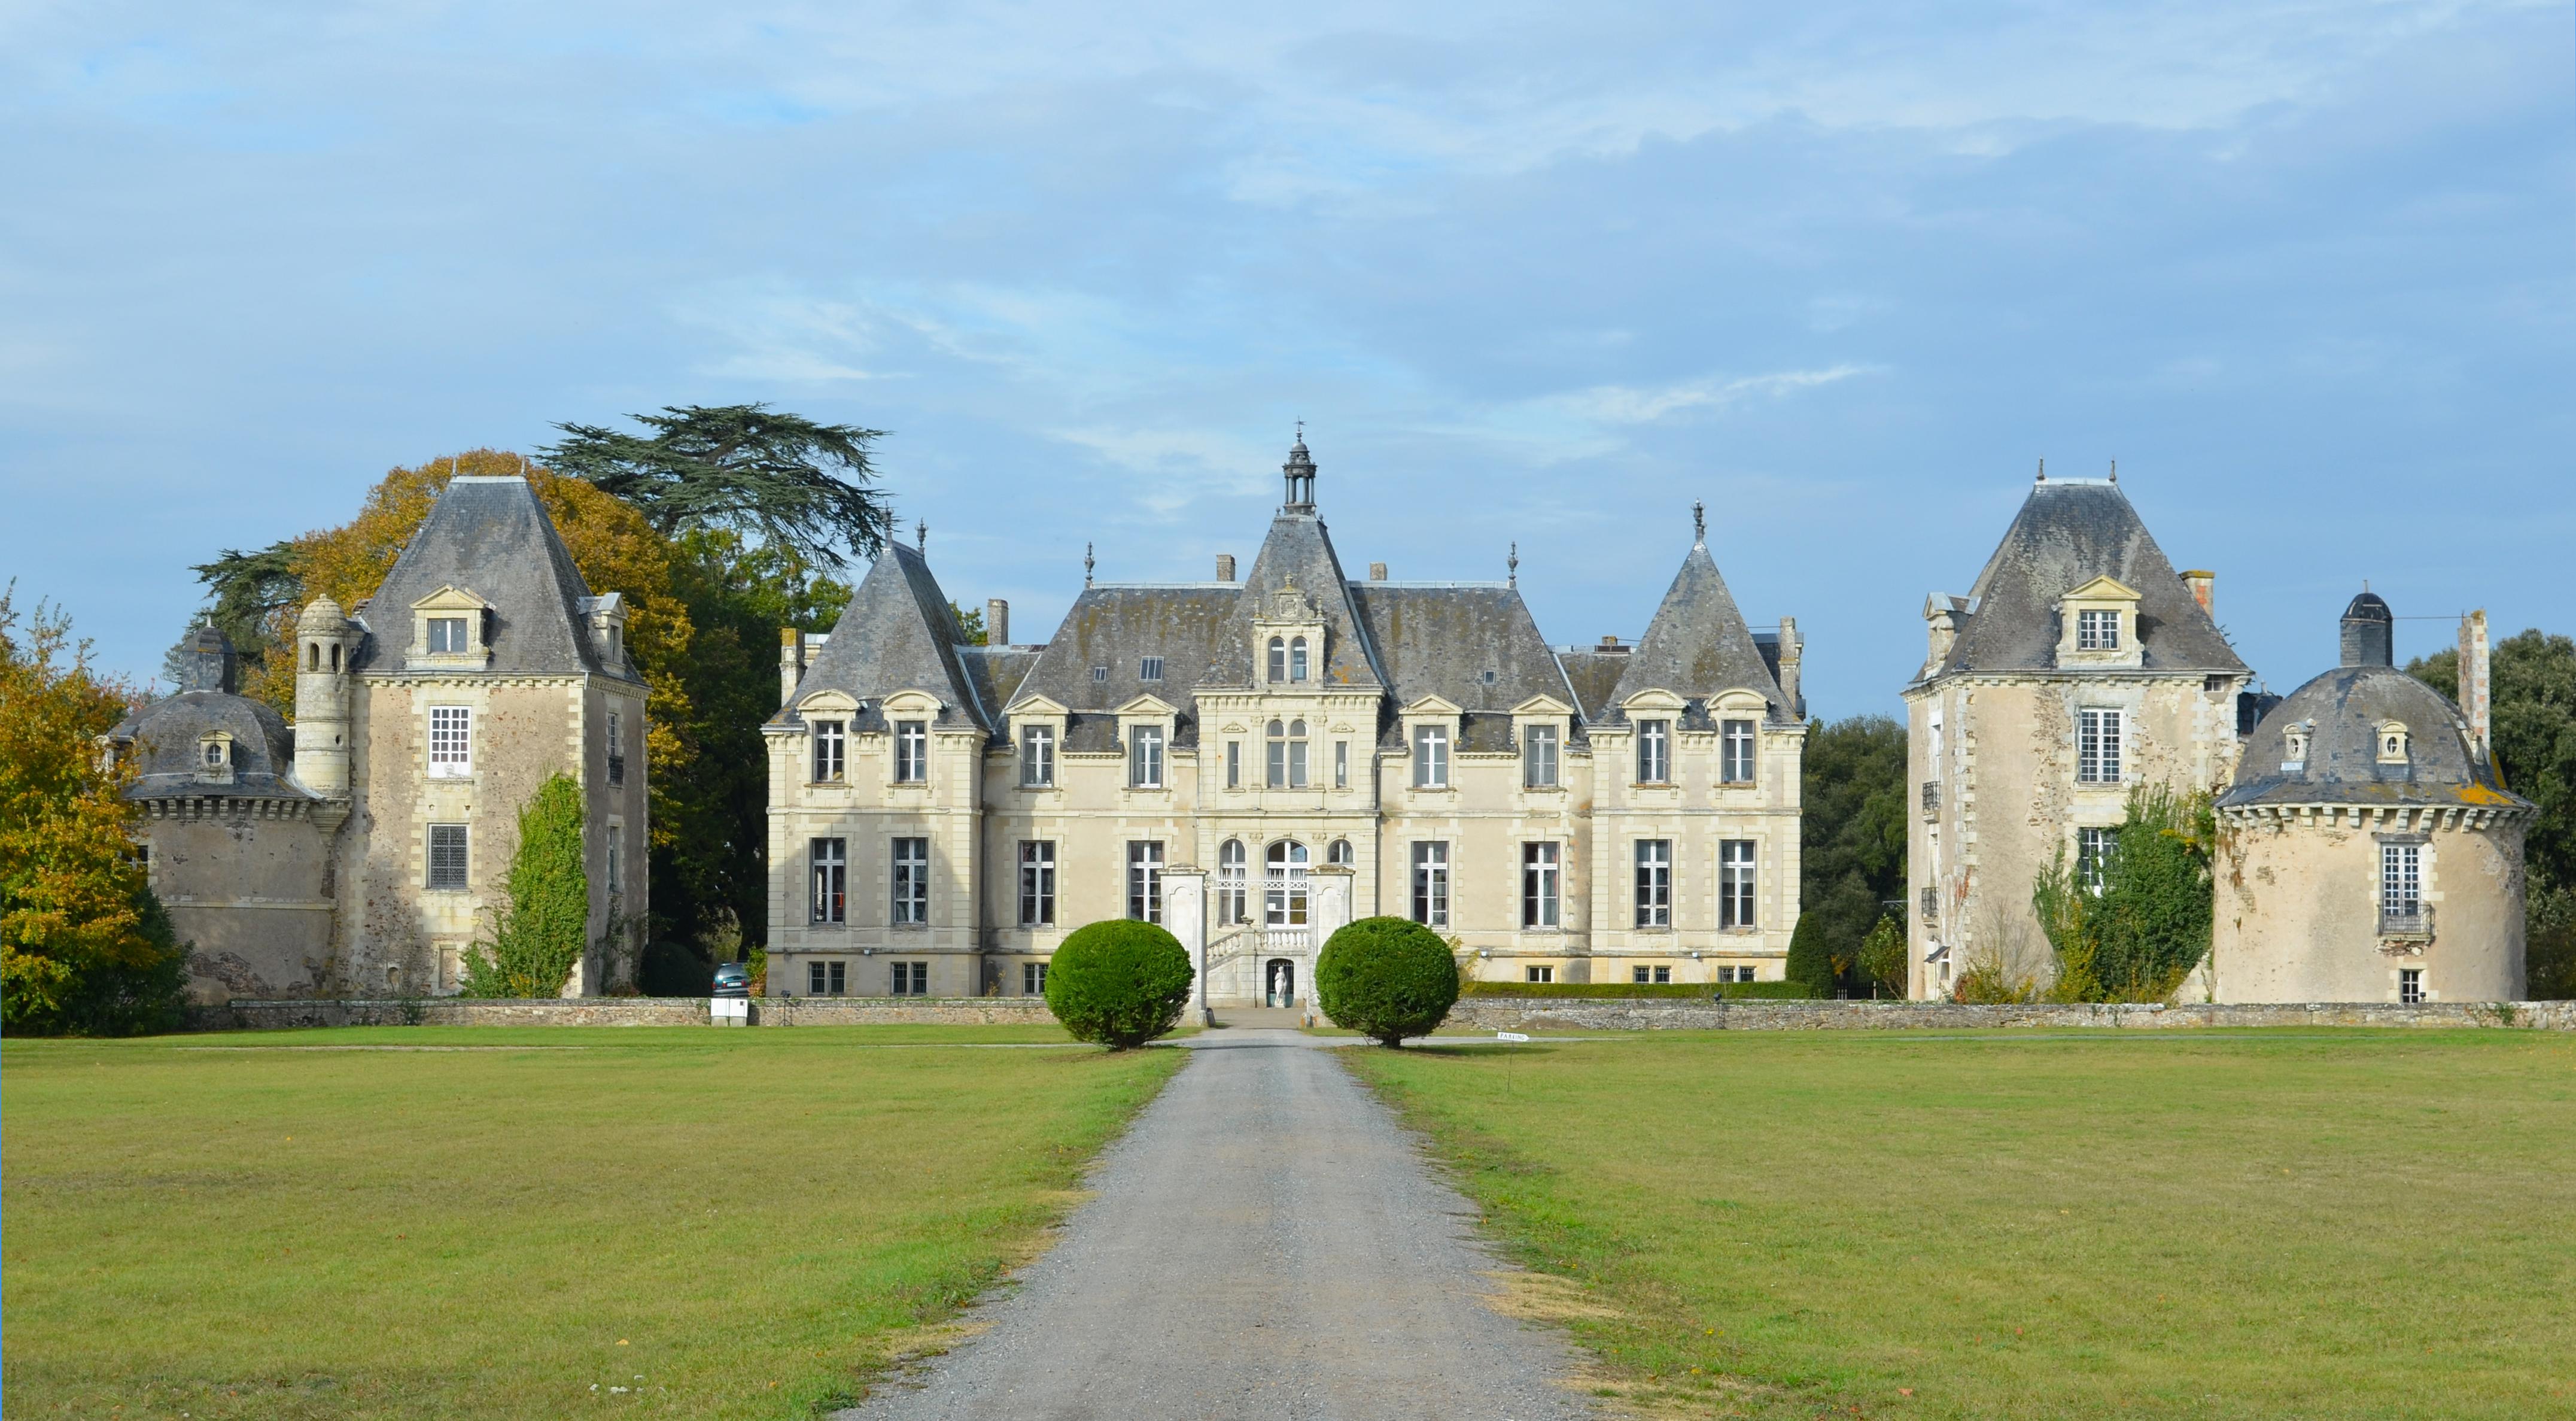 Chateau A Restaurer A Saint D Ef Bf Bdsir Ef Bf Bd Se Loger Com